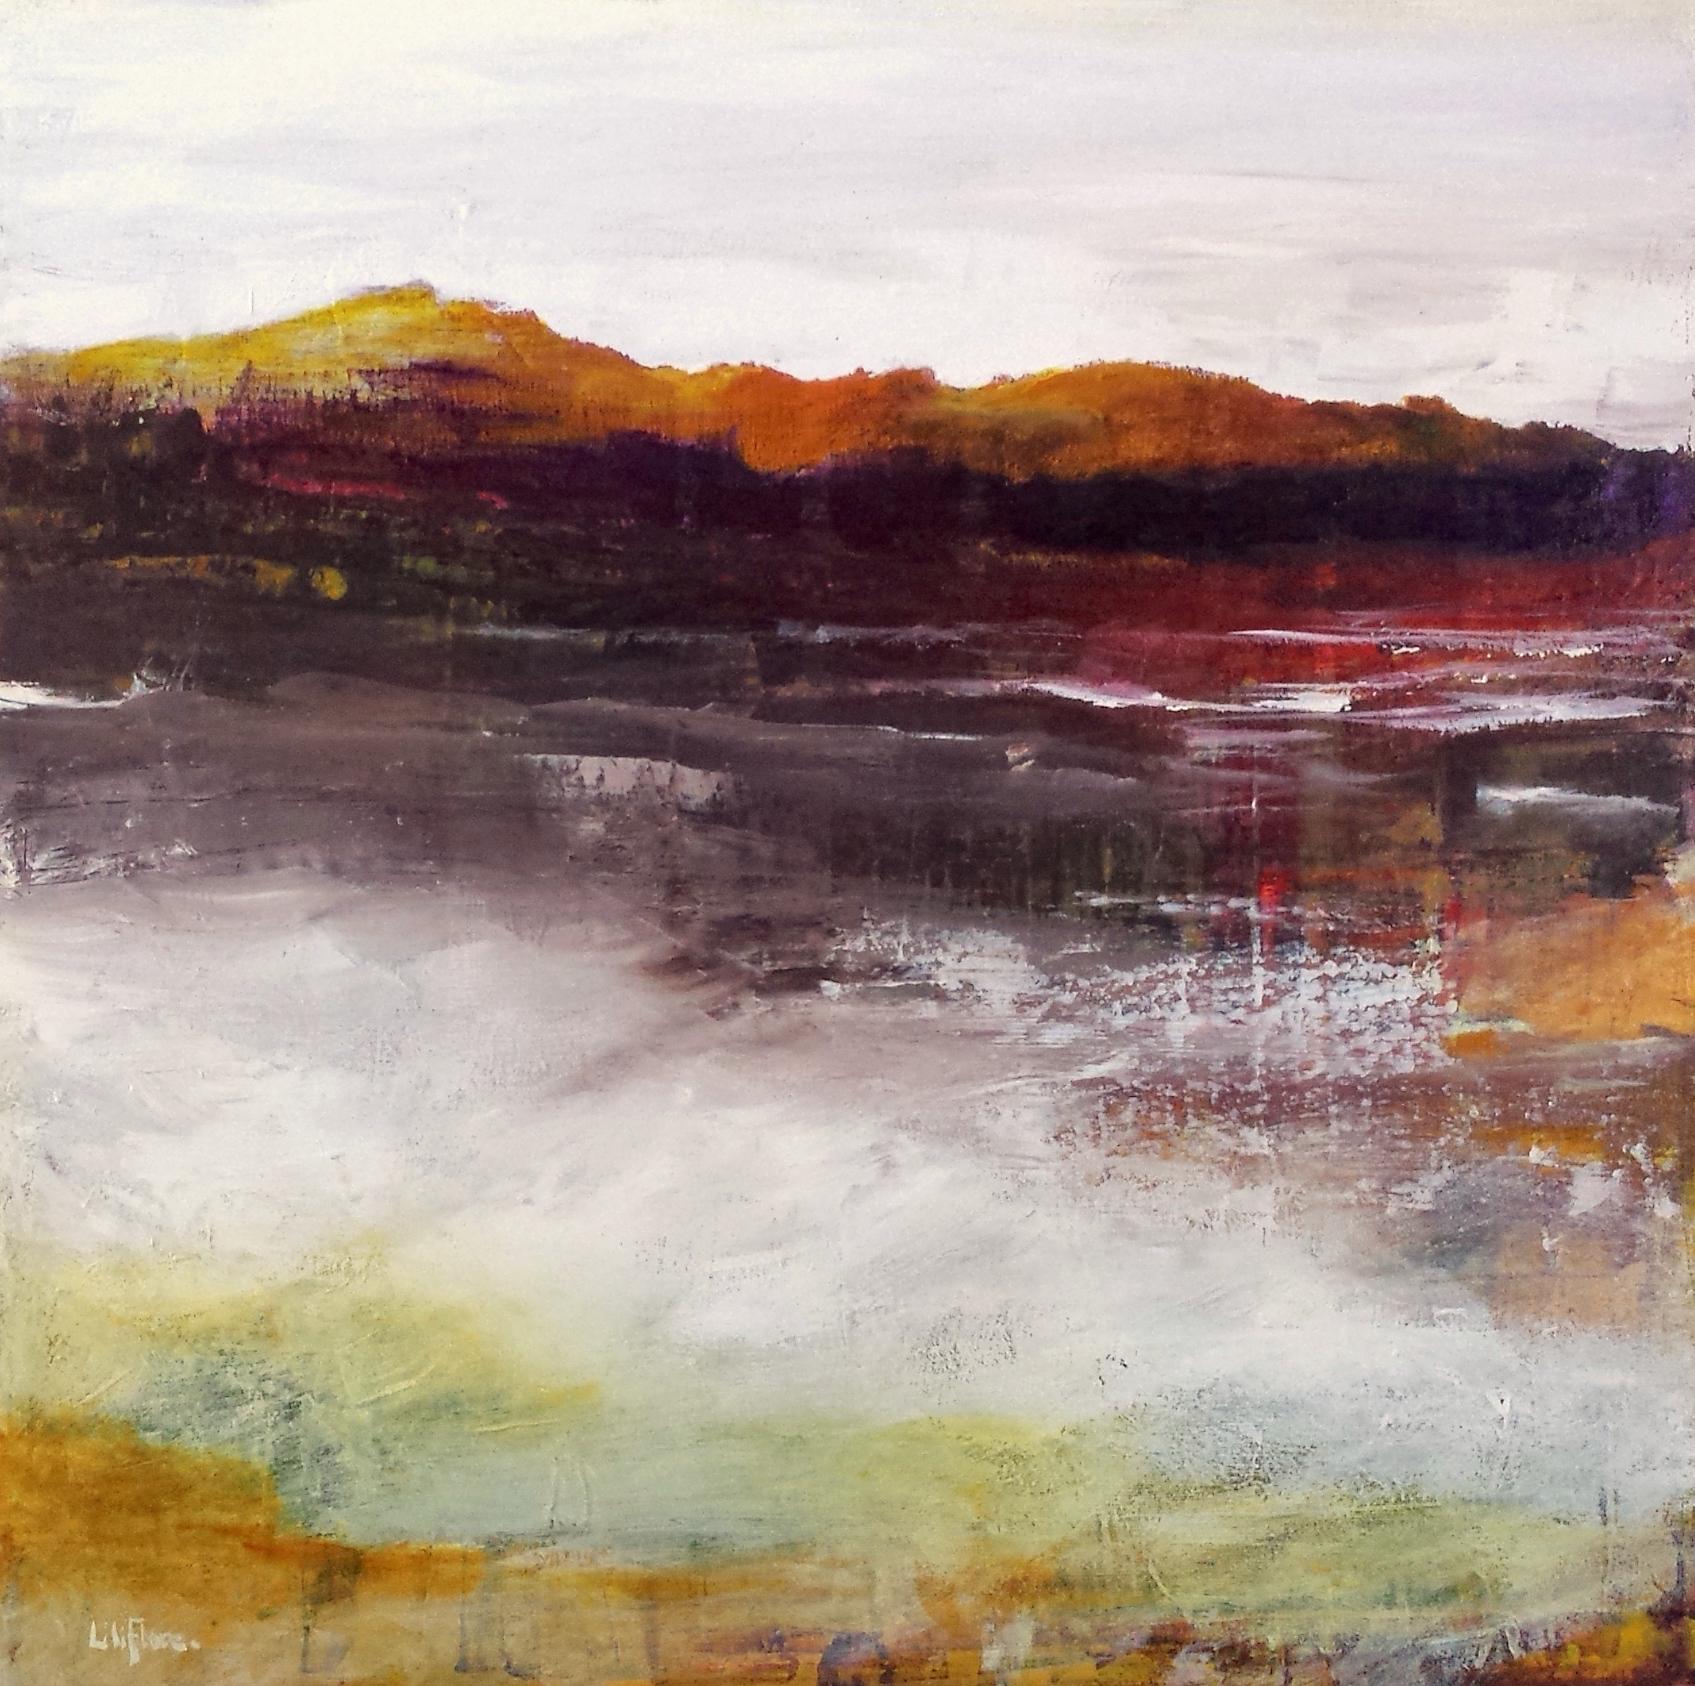 Artiste peintre Laurentides LiliFlore cours de peinture